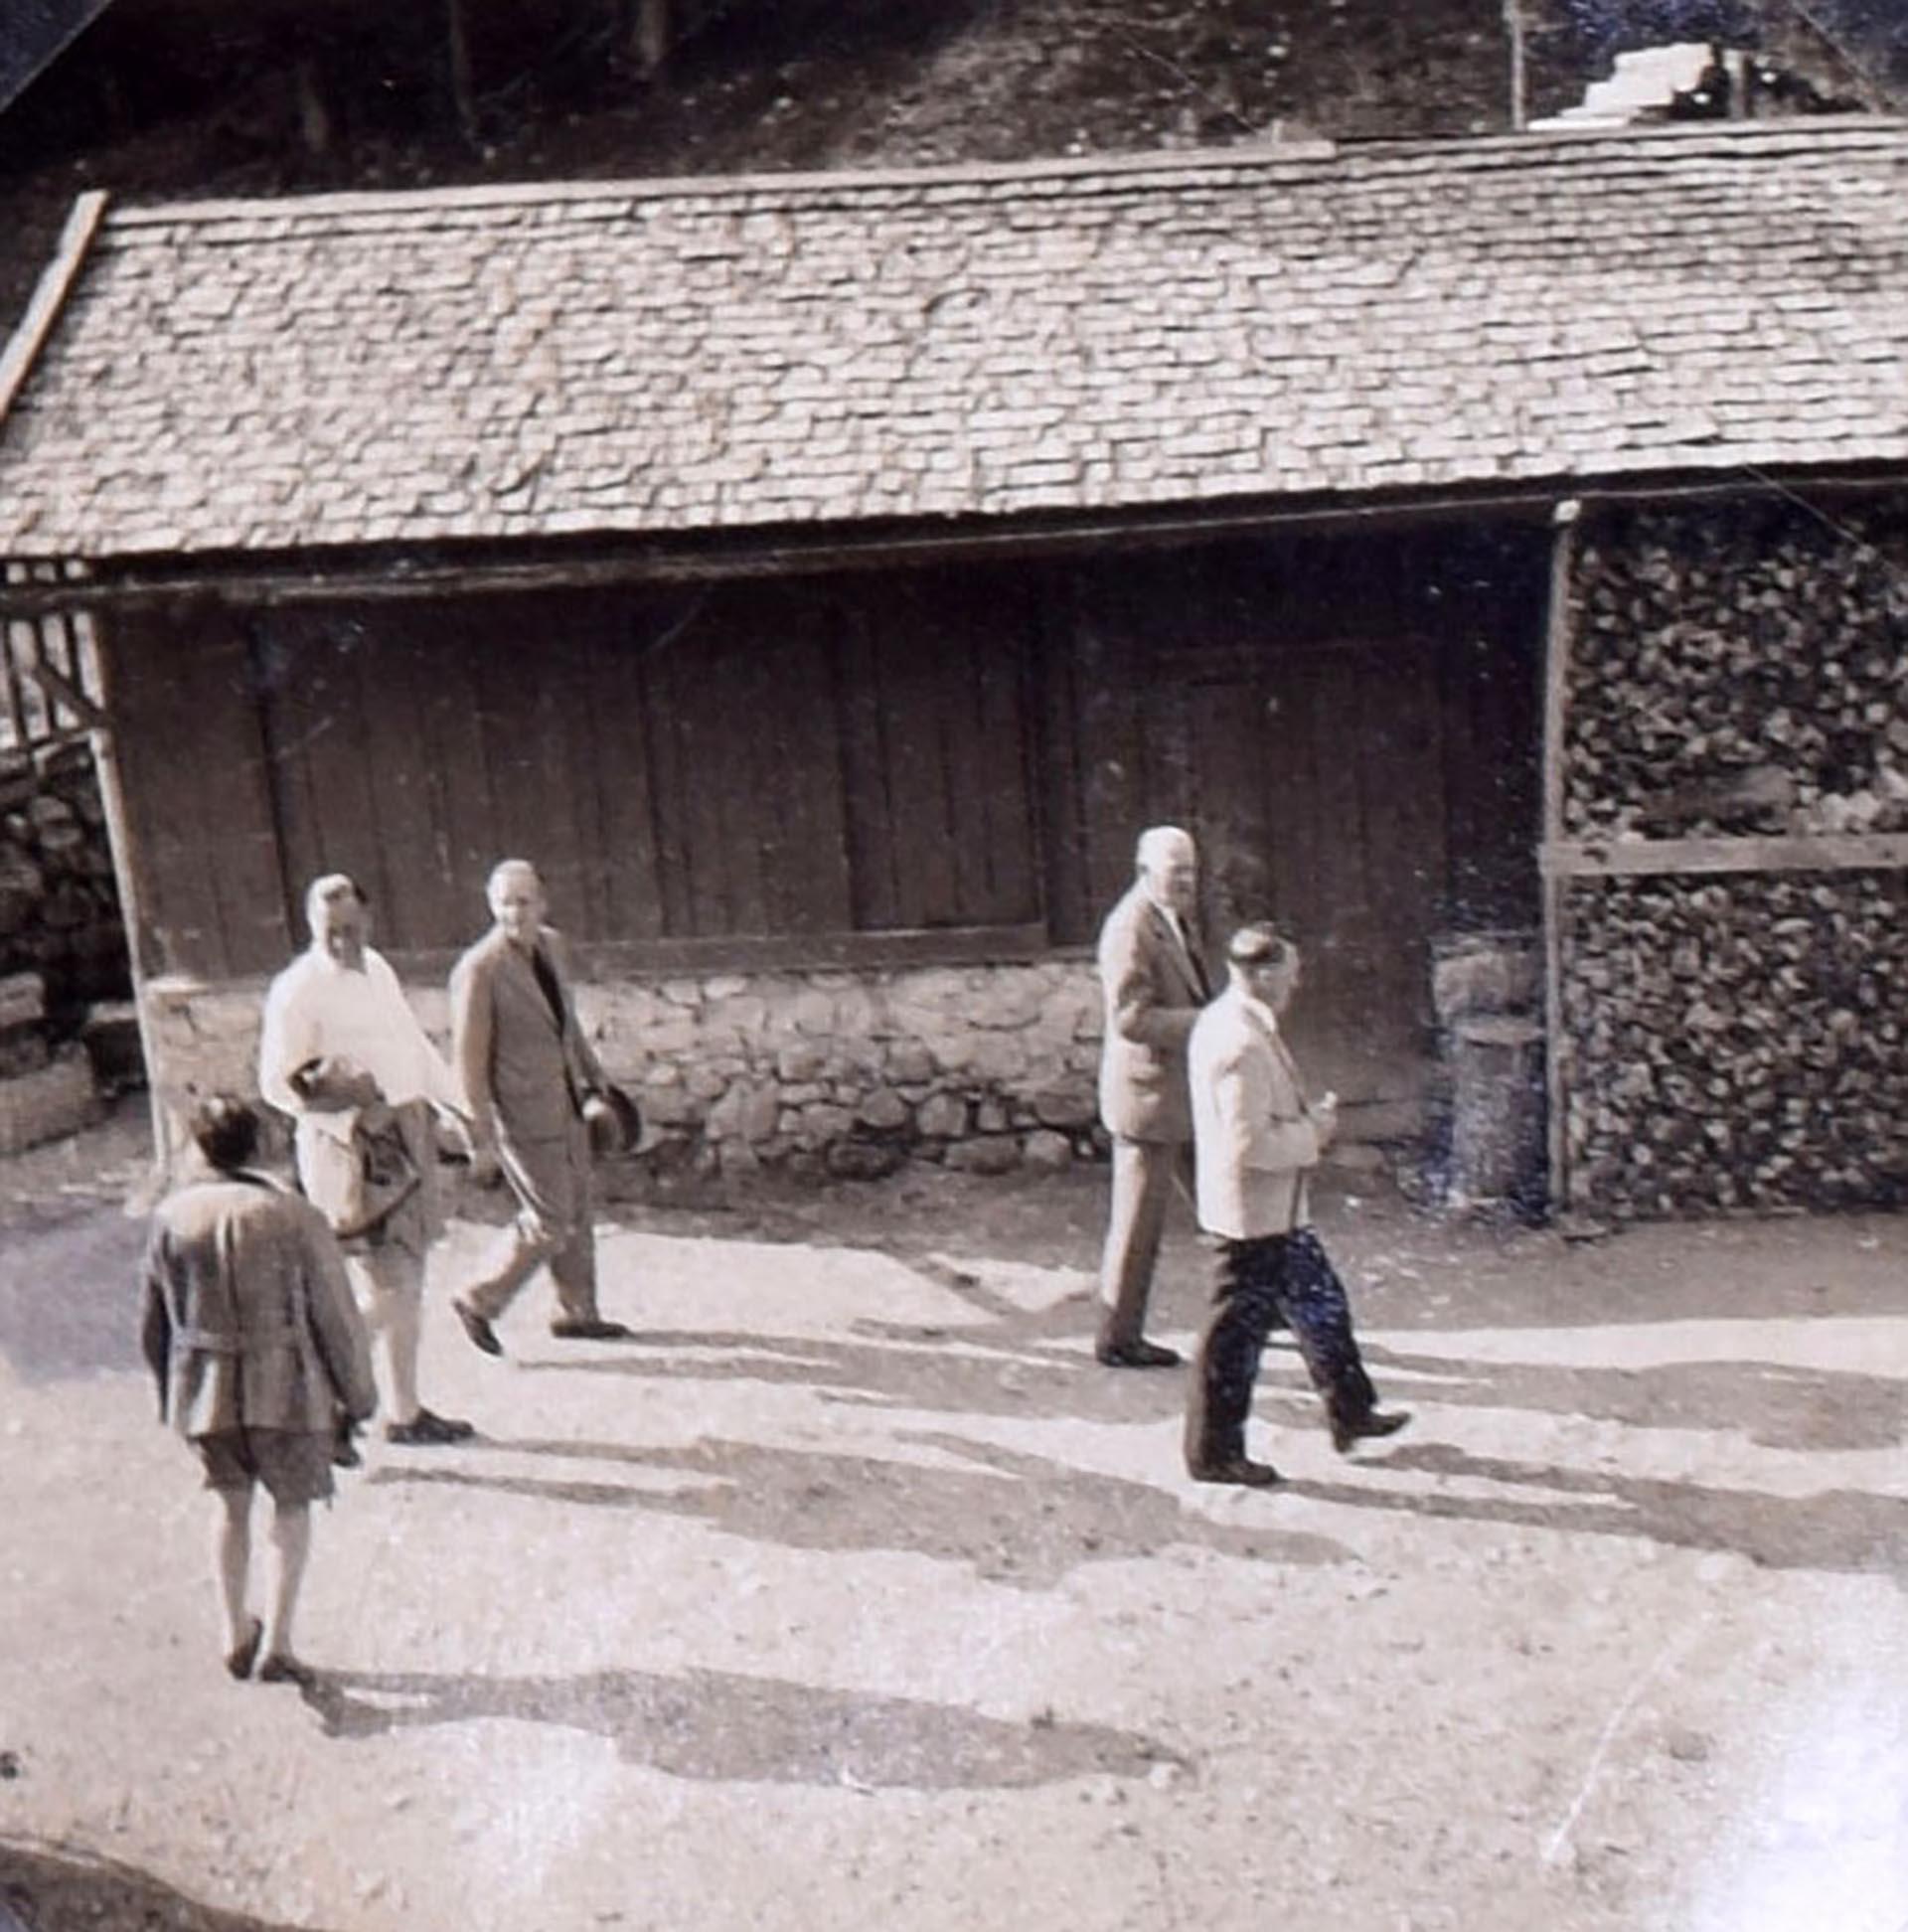 Hitler con miembros de su círculo íntimo durante una visita a Berghof (C&T Auctions/BNPS)